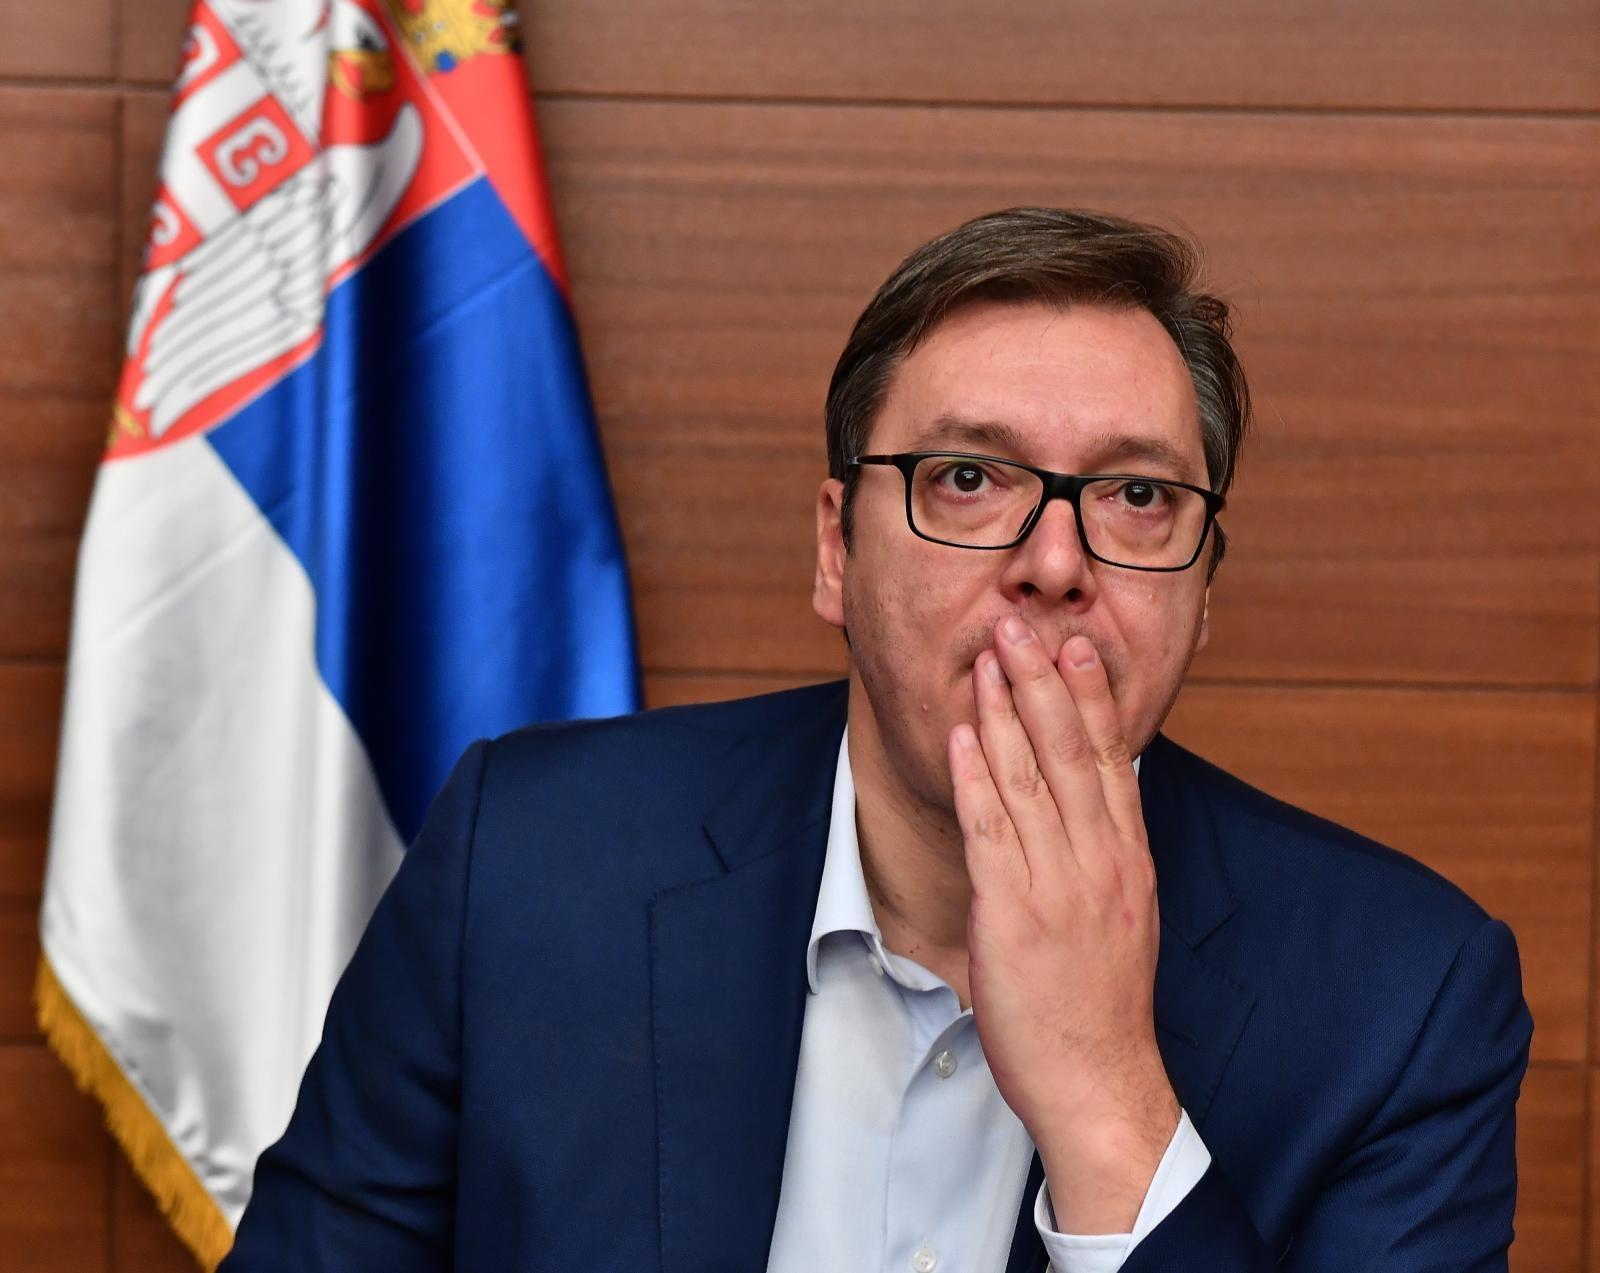 Vučiću nagrada Zlatni lav za mir, propustio dodjelu zbog krize na Kosovu